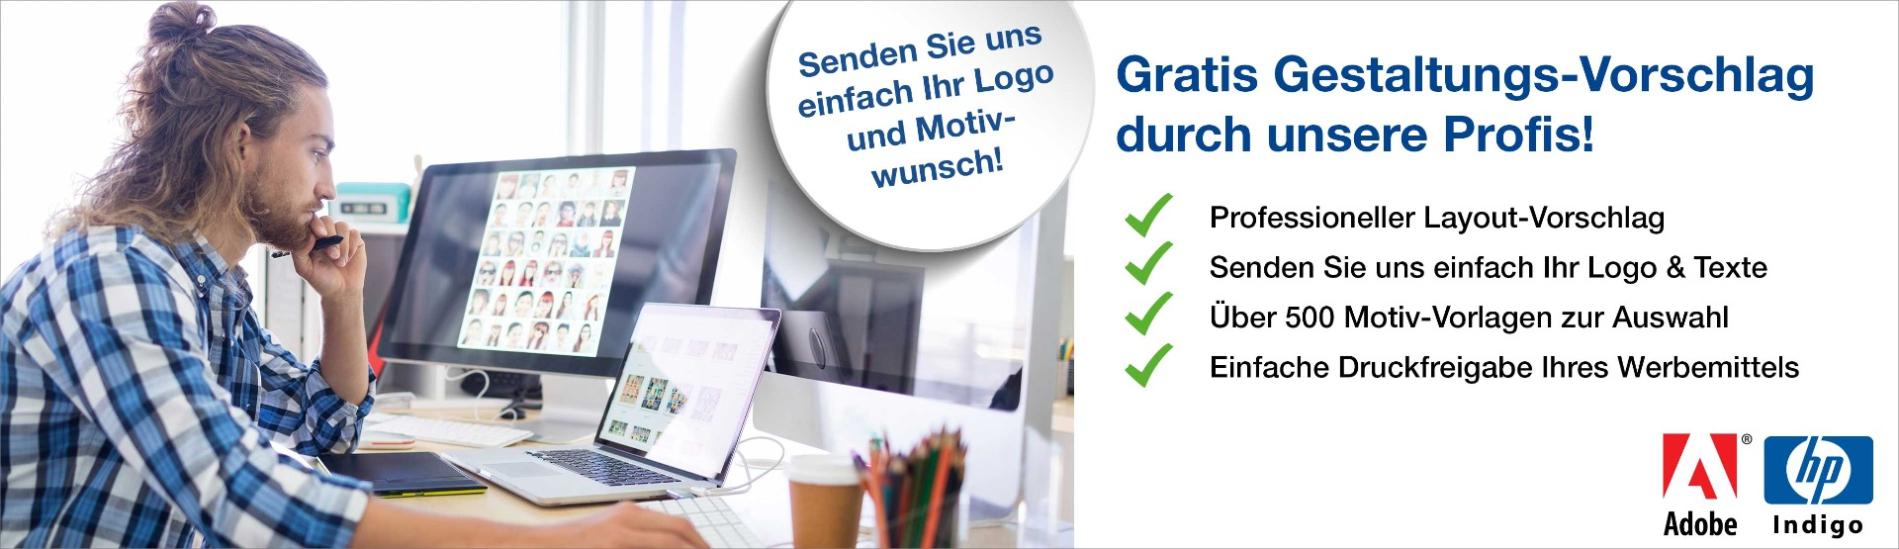 Werbe Adventskalender Von Cd Lux Gmbh Werbung Schokolade